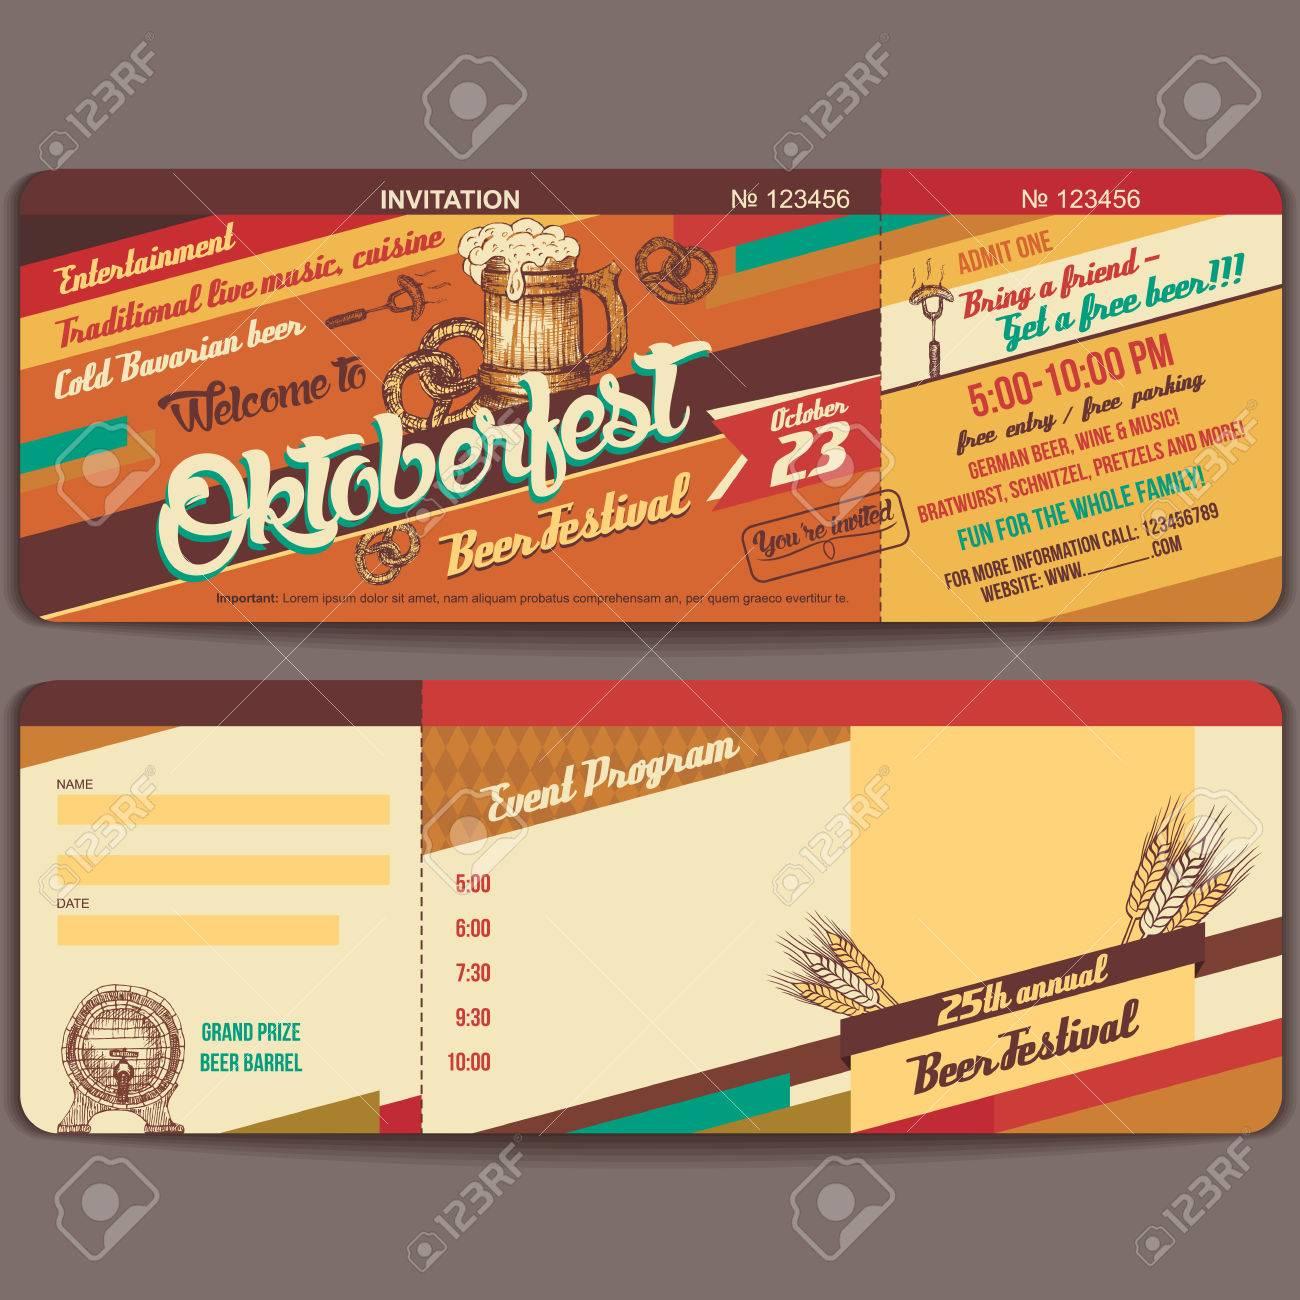 vintage-stil oktoberfest deutsch bierfest einladung vorlage vektor, Einladung